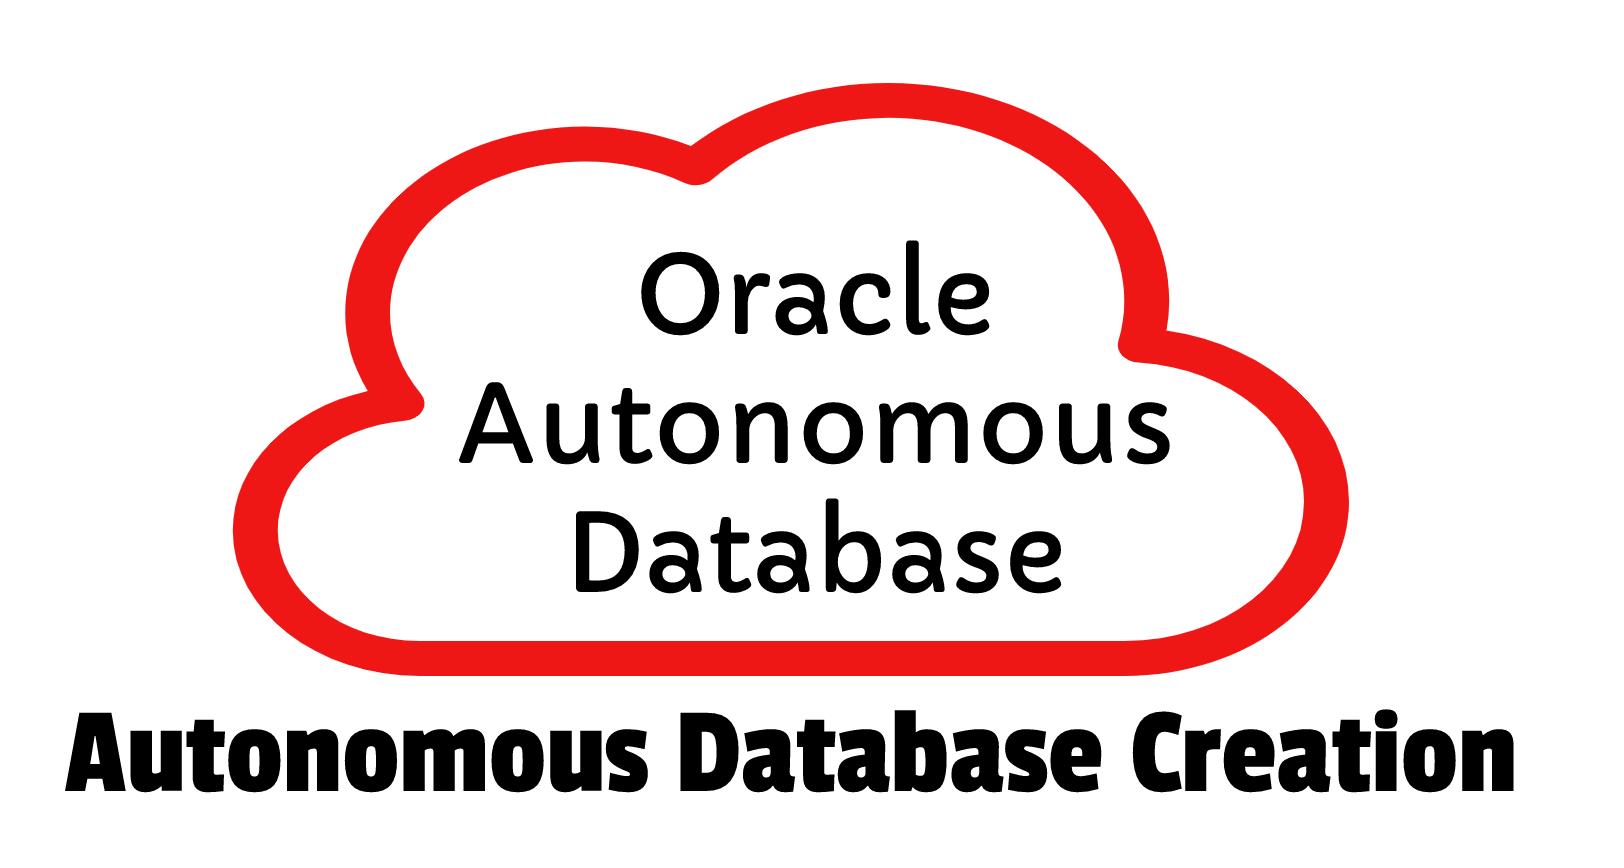 Oracle Autonomous database creation